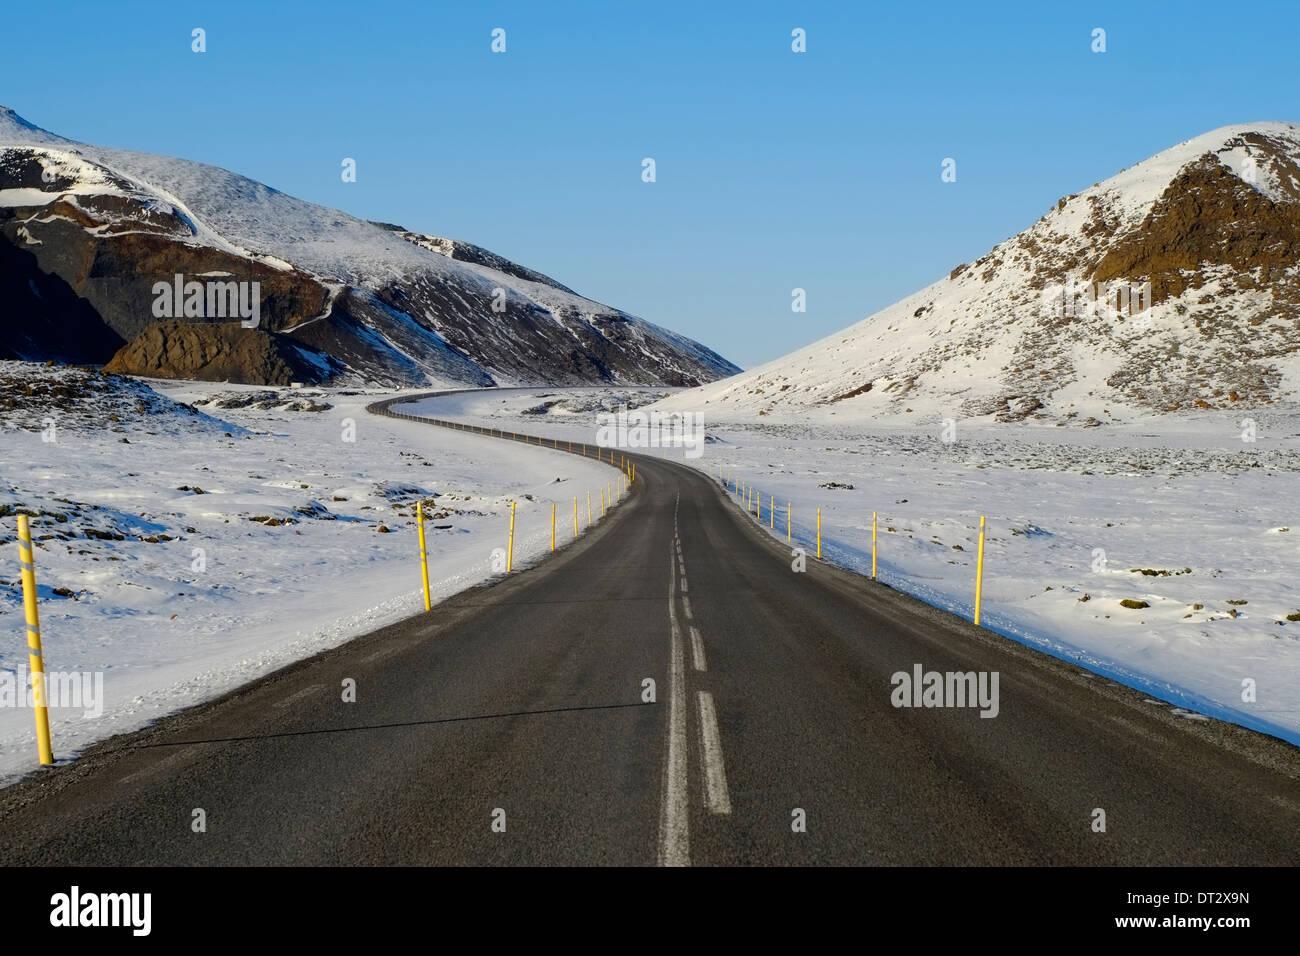 Road Leading Through Mountains, Polar Region, Iceland - Stock Image